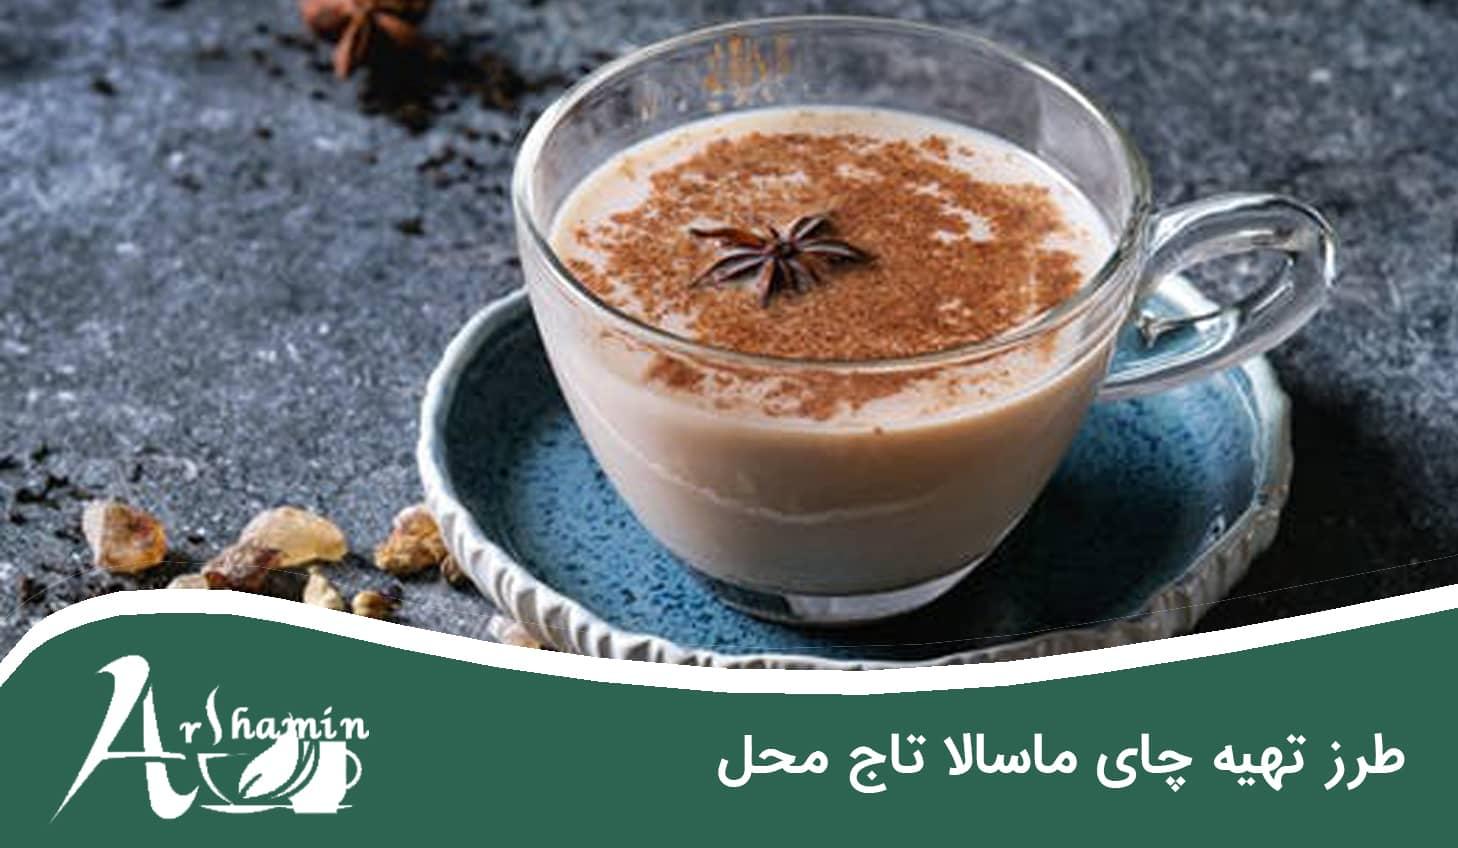 طرز تهیه چای ماسالا تاج محل